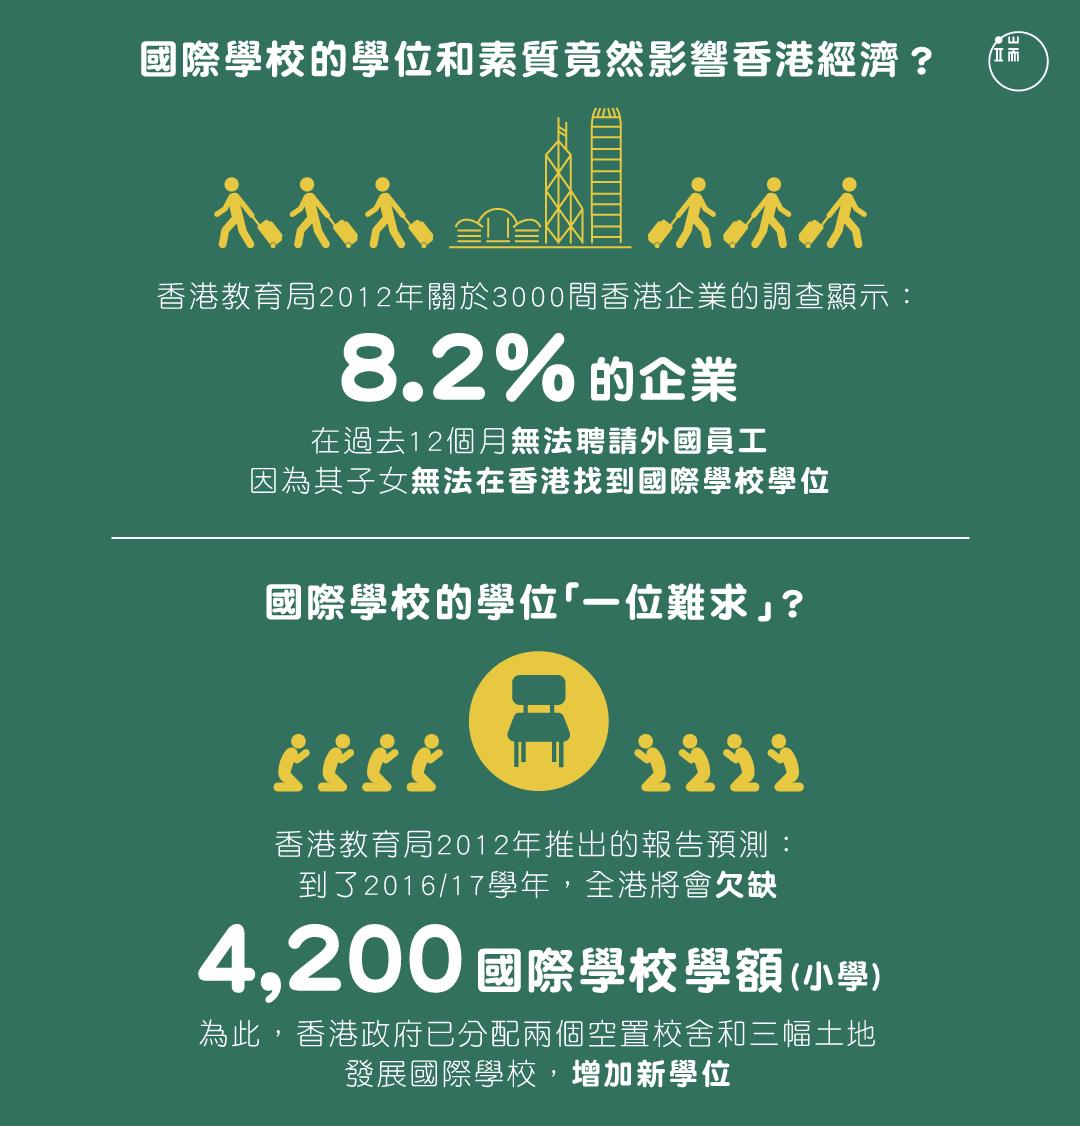 國際學校的學位和素質竟然影響香港經濟?圖:端傳媒設計部